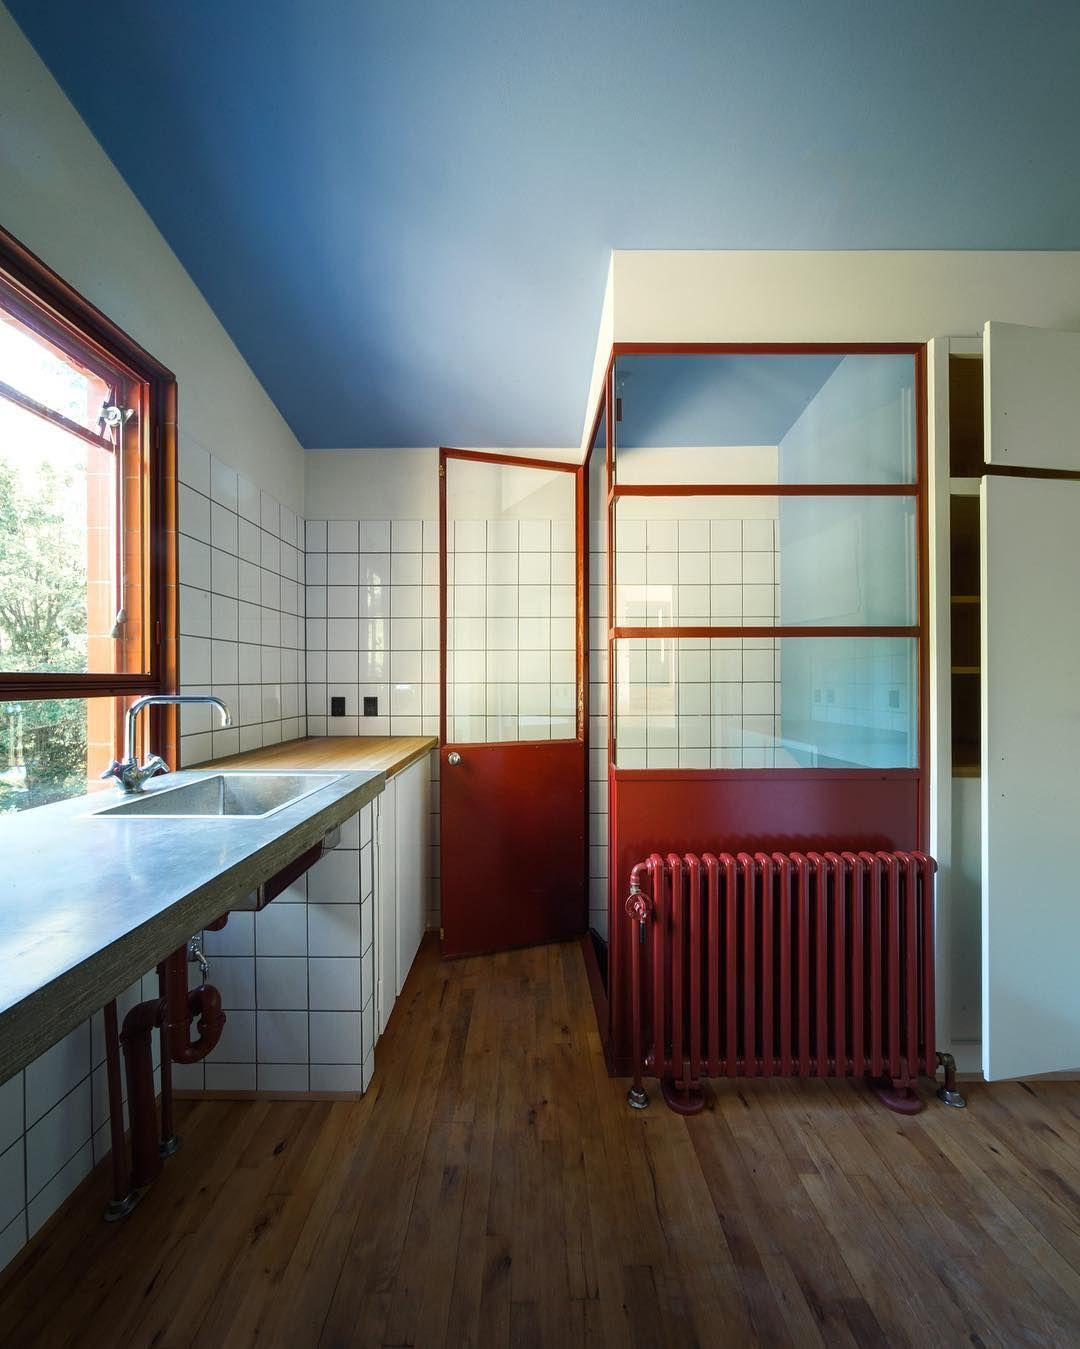 Paul henningsen kitchen y for Diseno de interiores en los anos 90